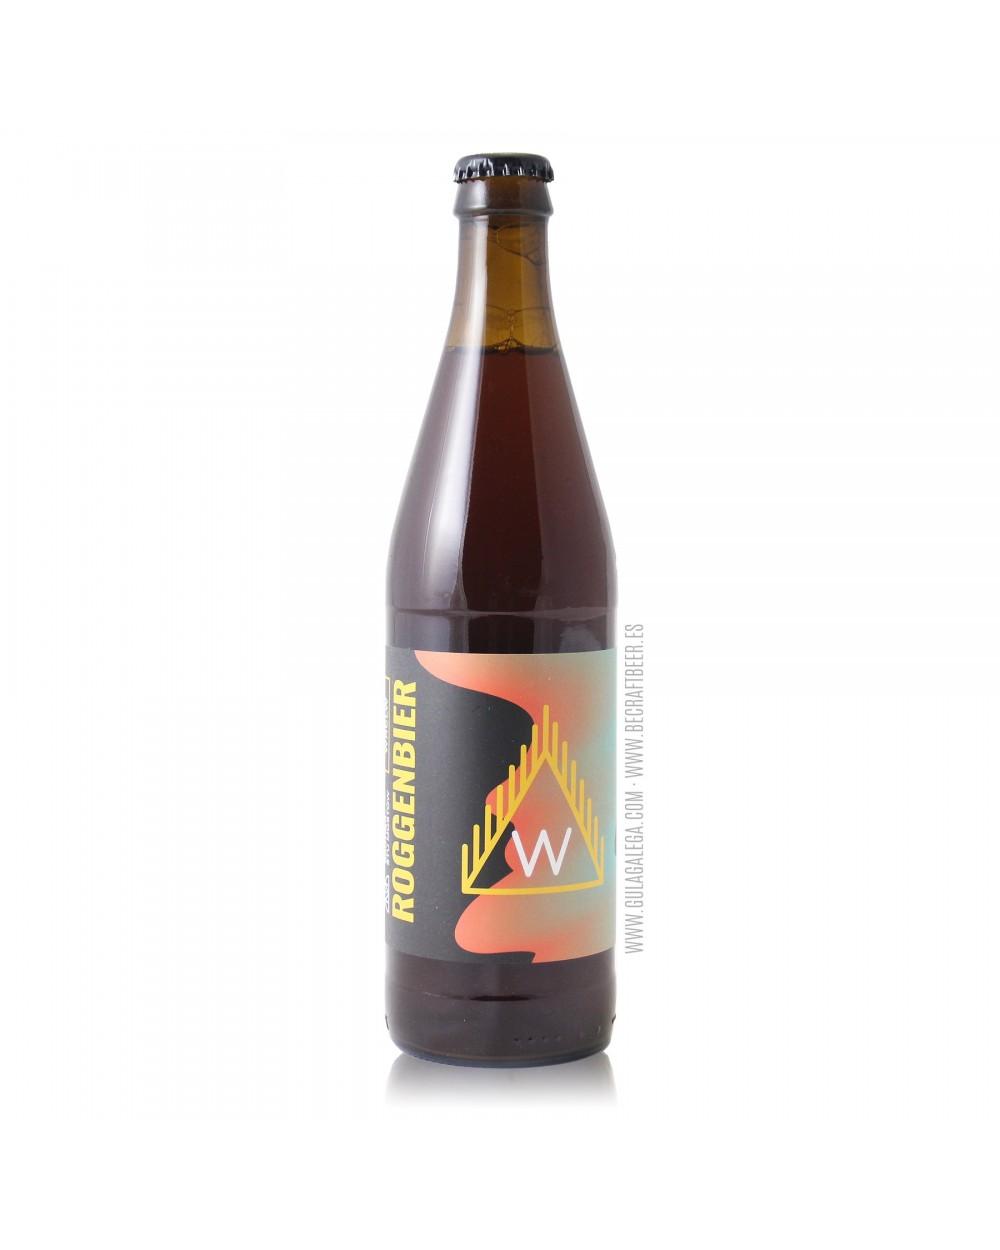 Cerveza Artesana STU MOSTÓW WRCLW Roggenbier 50 cl.